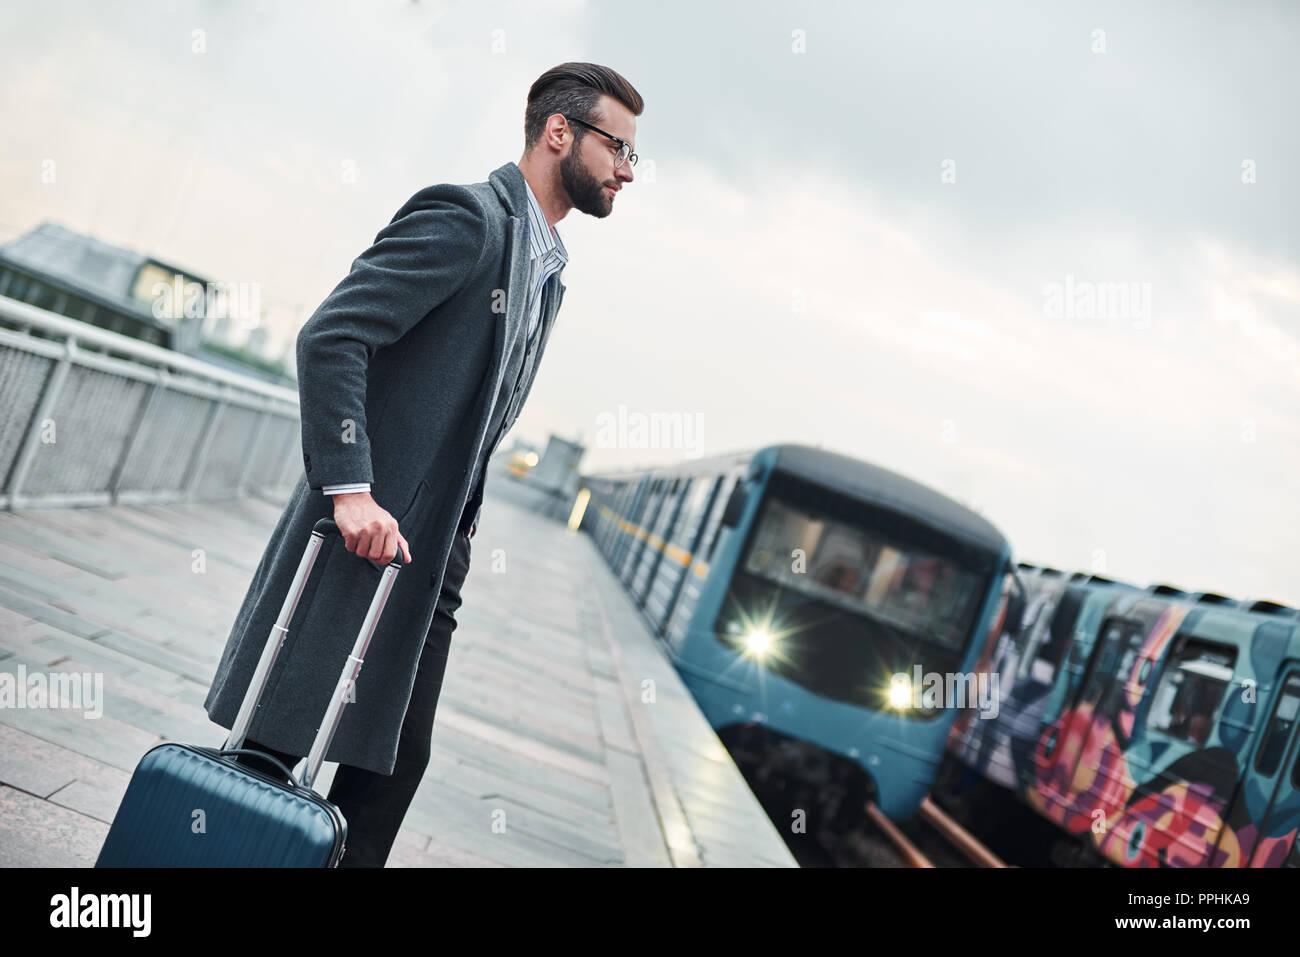 Business Reise. Junge Unternehmer in der Nähe von Bahn mit Gepäck warten auf Zug Stockbild